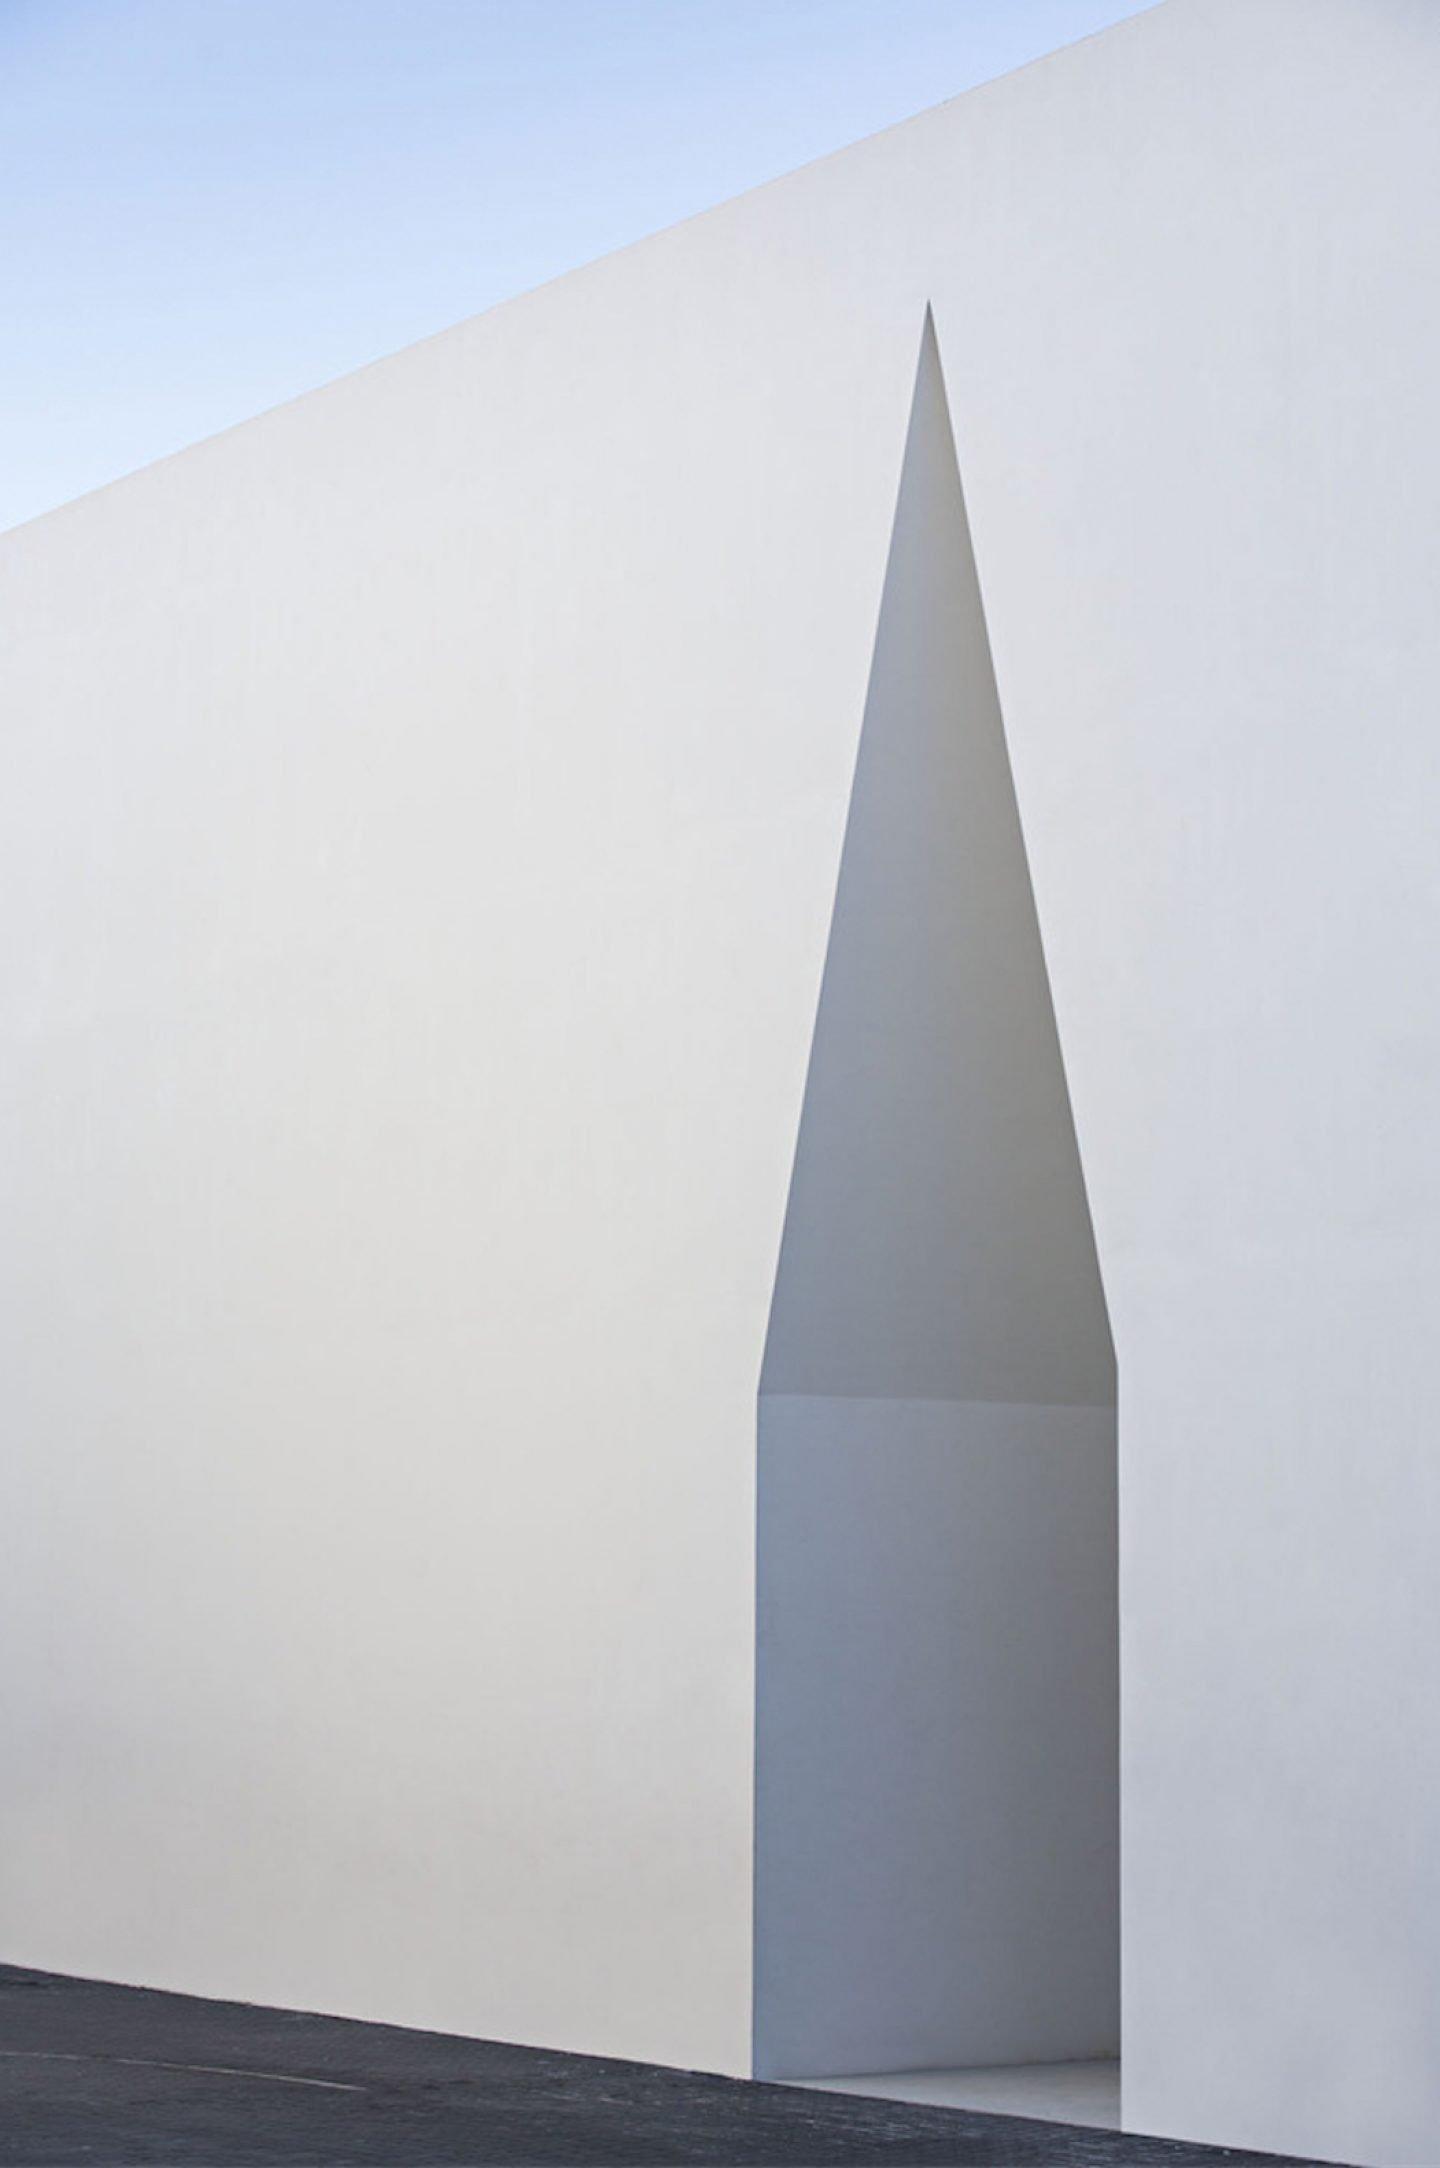 iGNANT_Architecture_Aires_Mateus_Monolithic_Meeting_Center_05